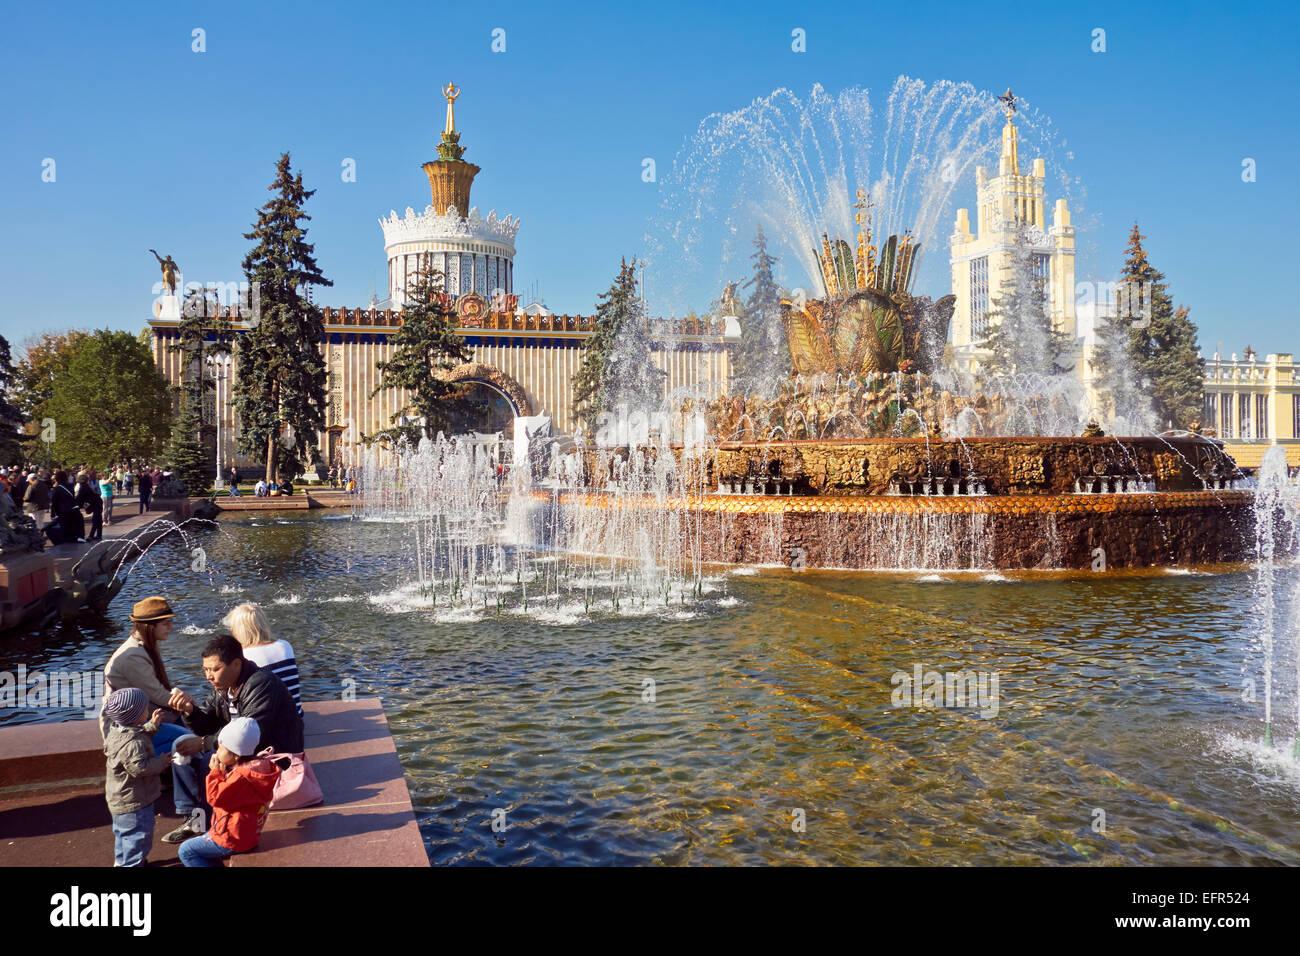 Menschen am Steinblumenbrunnen im All-Russia Exhibition Centre (VDNKh). Moskau, Russland. Stockfoto